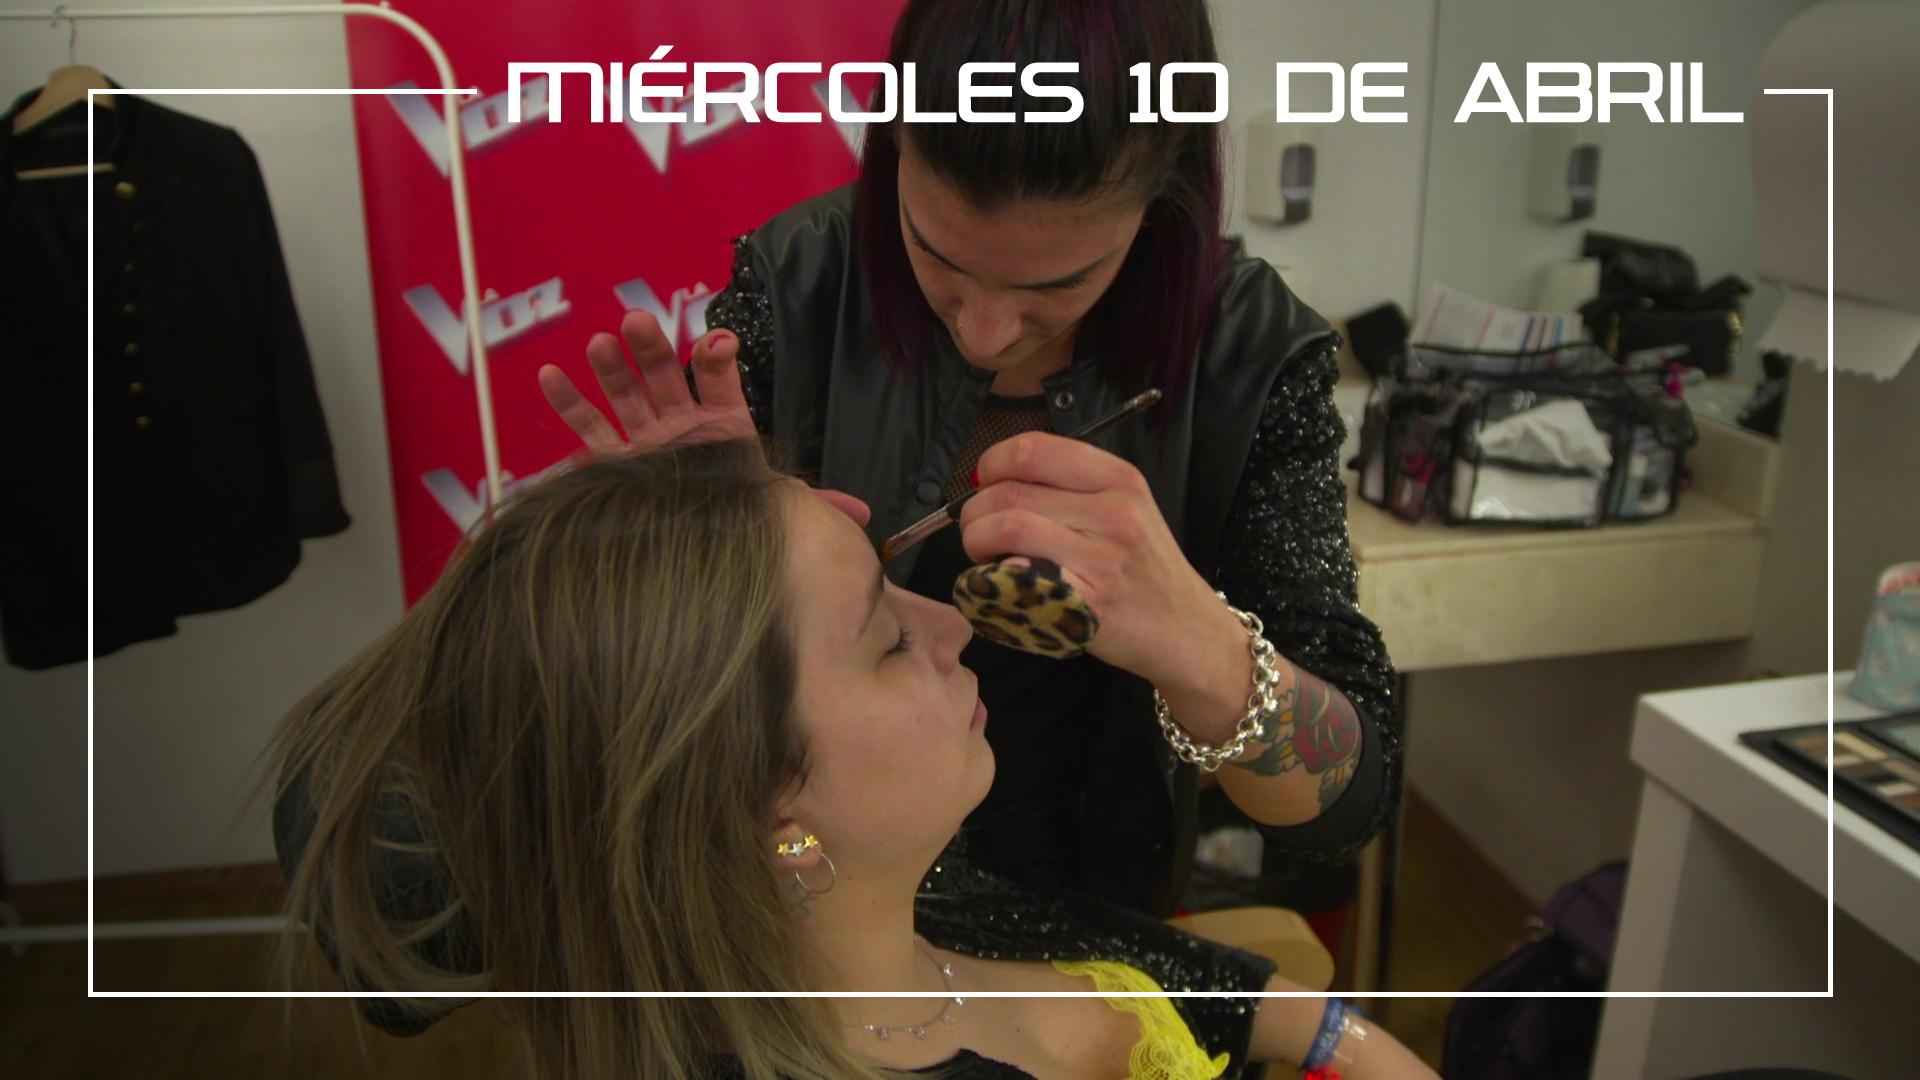 Miércoles 10 de abril Los finalistas pasan por maquillaje y peluquería para la Final